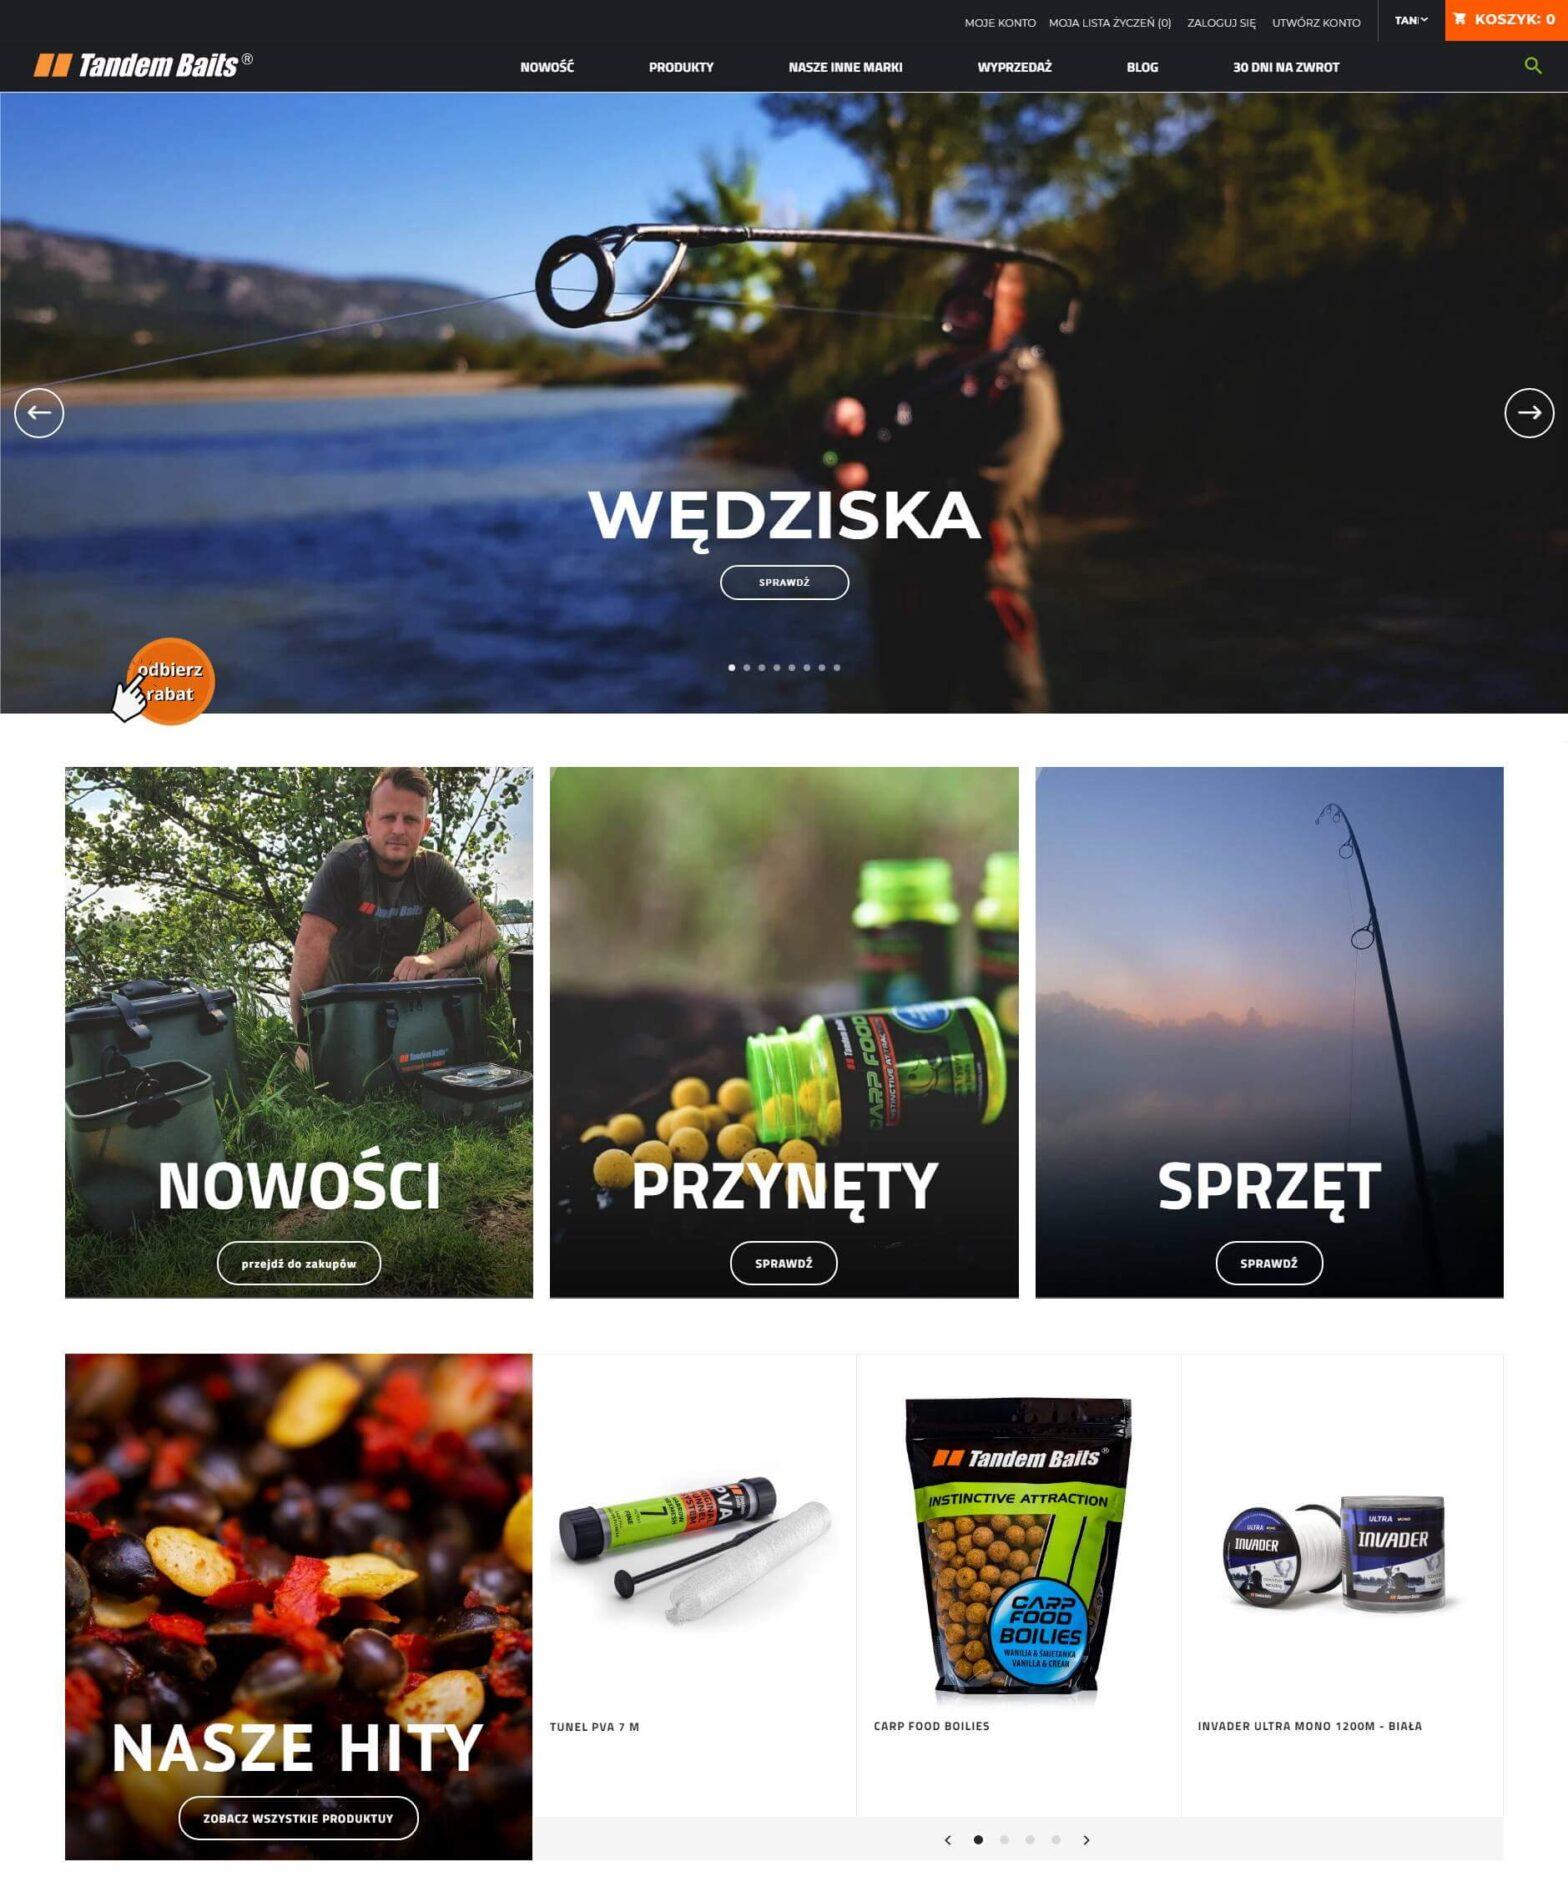 tandembaits.com - sklep internetowy dla wętkarzy